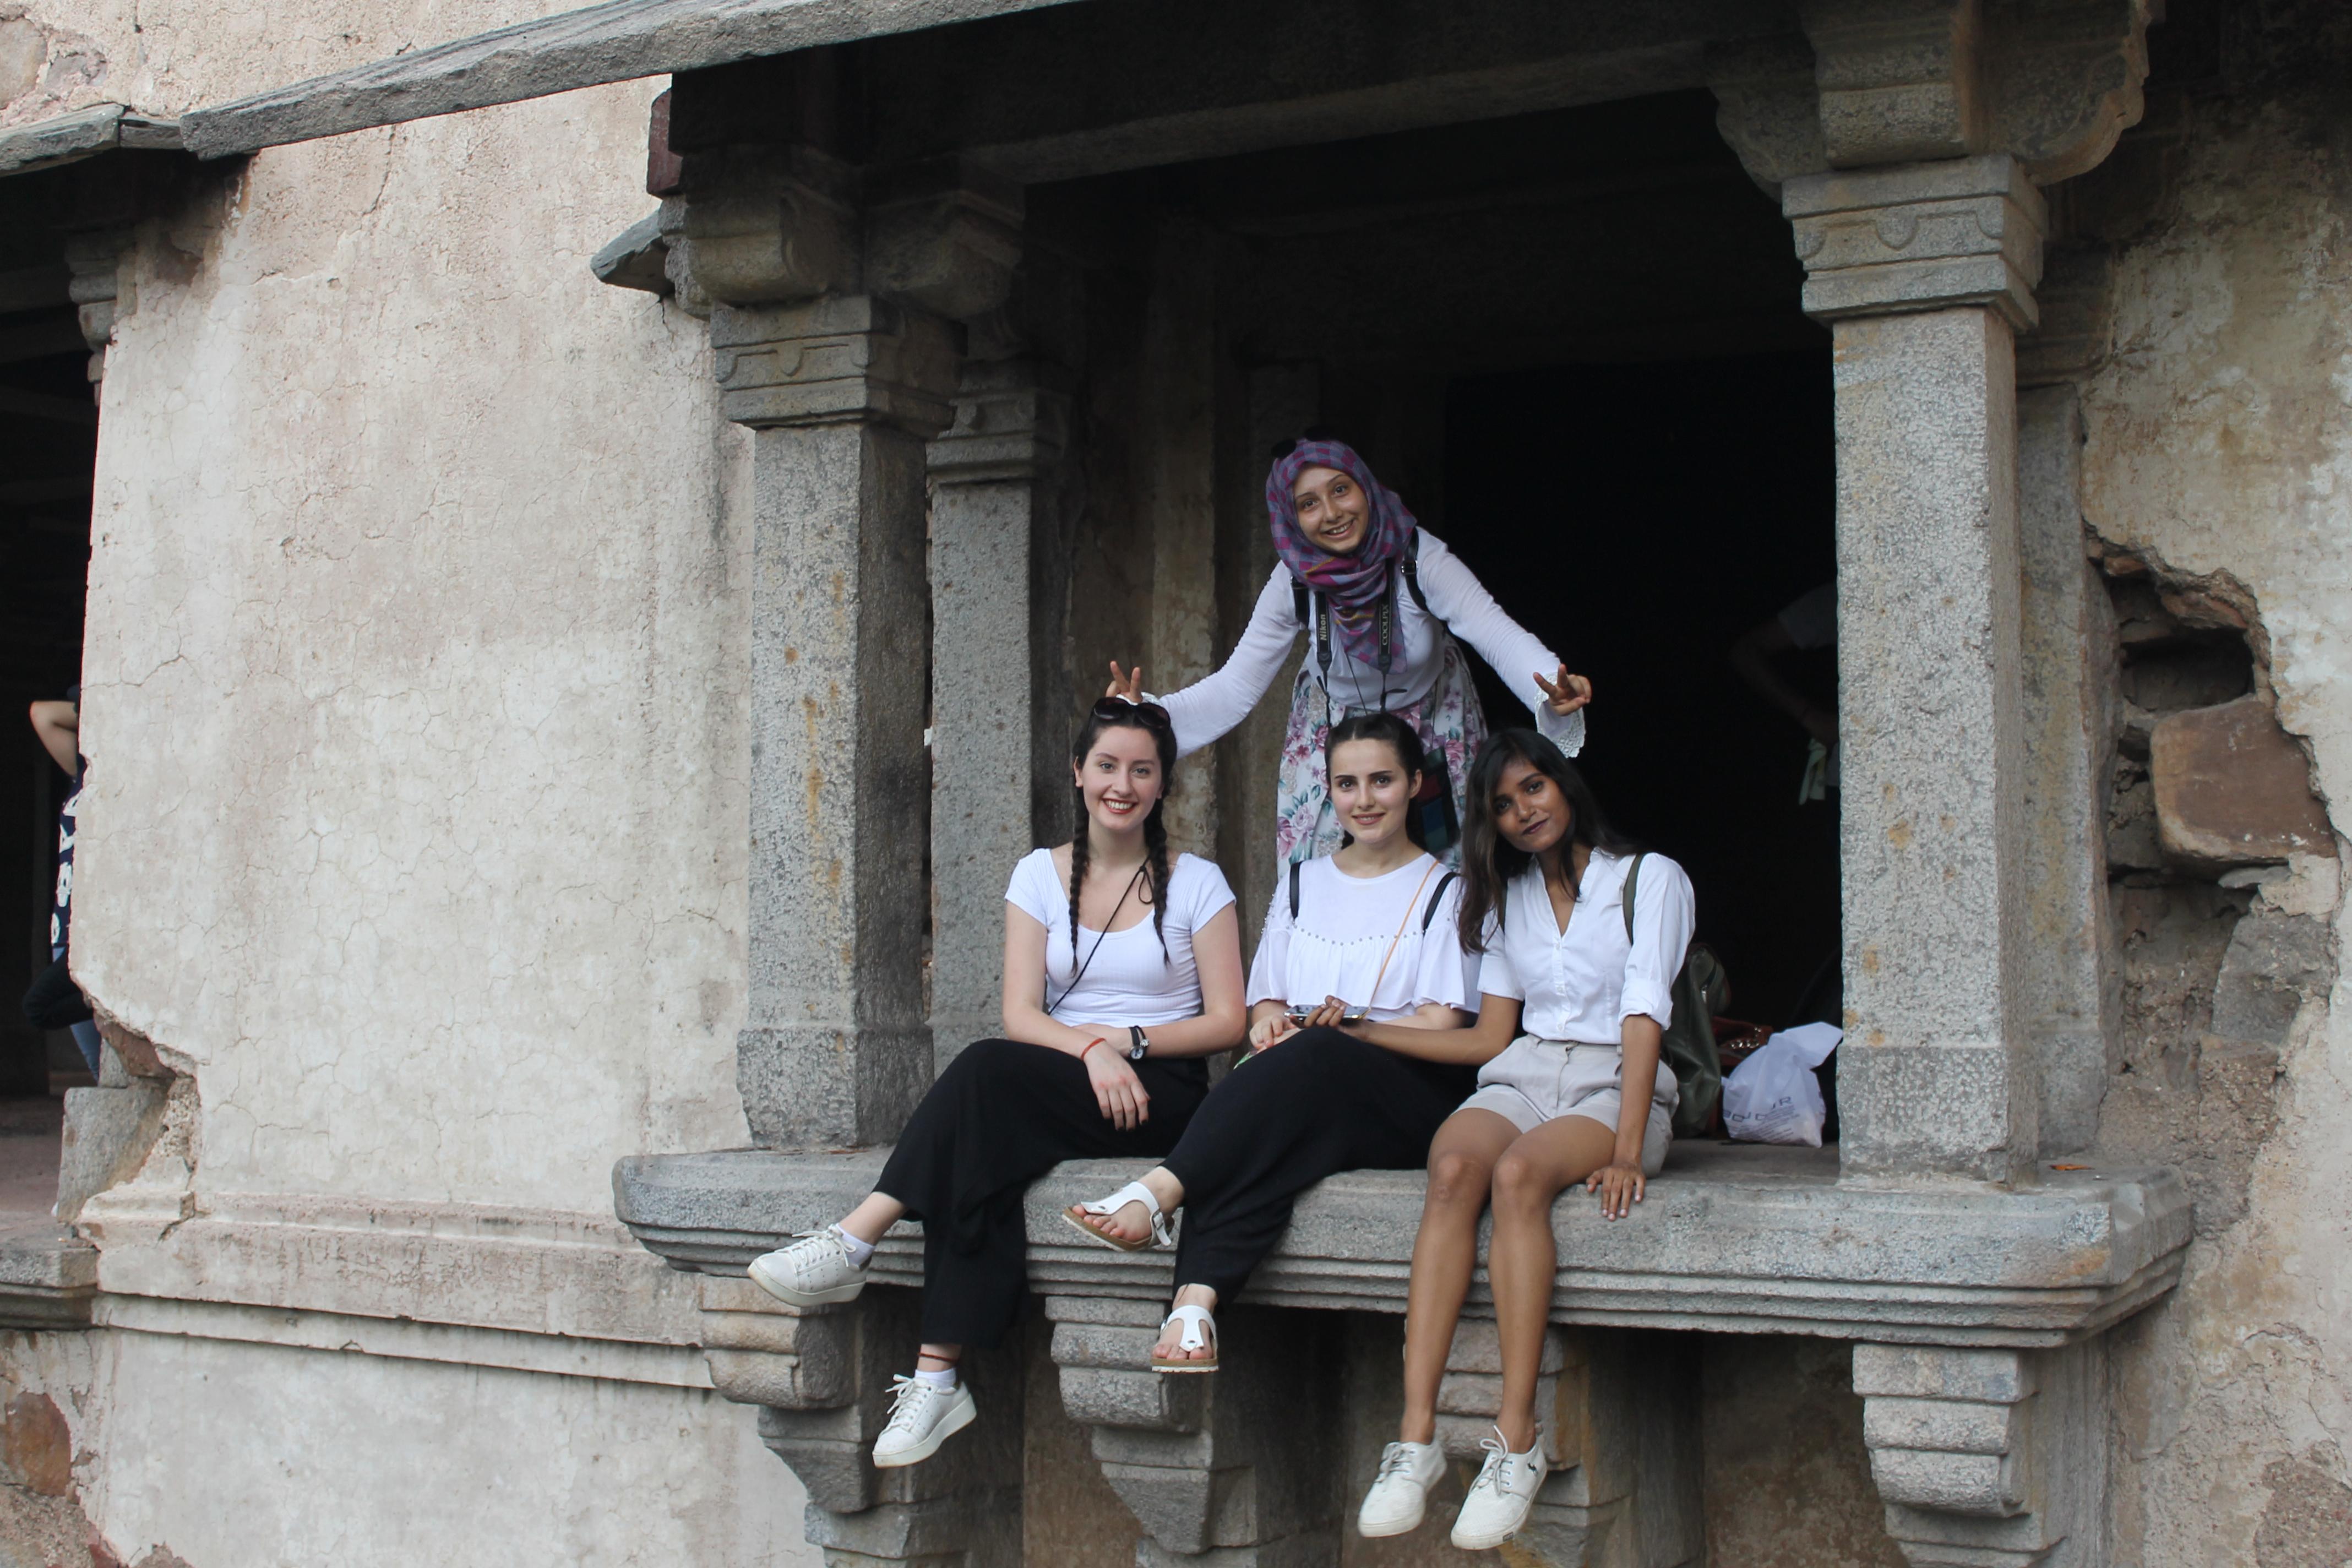 Gap Year Program - Social Travel: Volunteer in Delhi, India  7